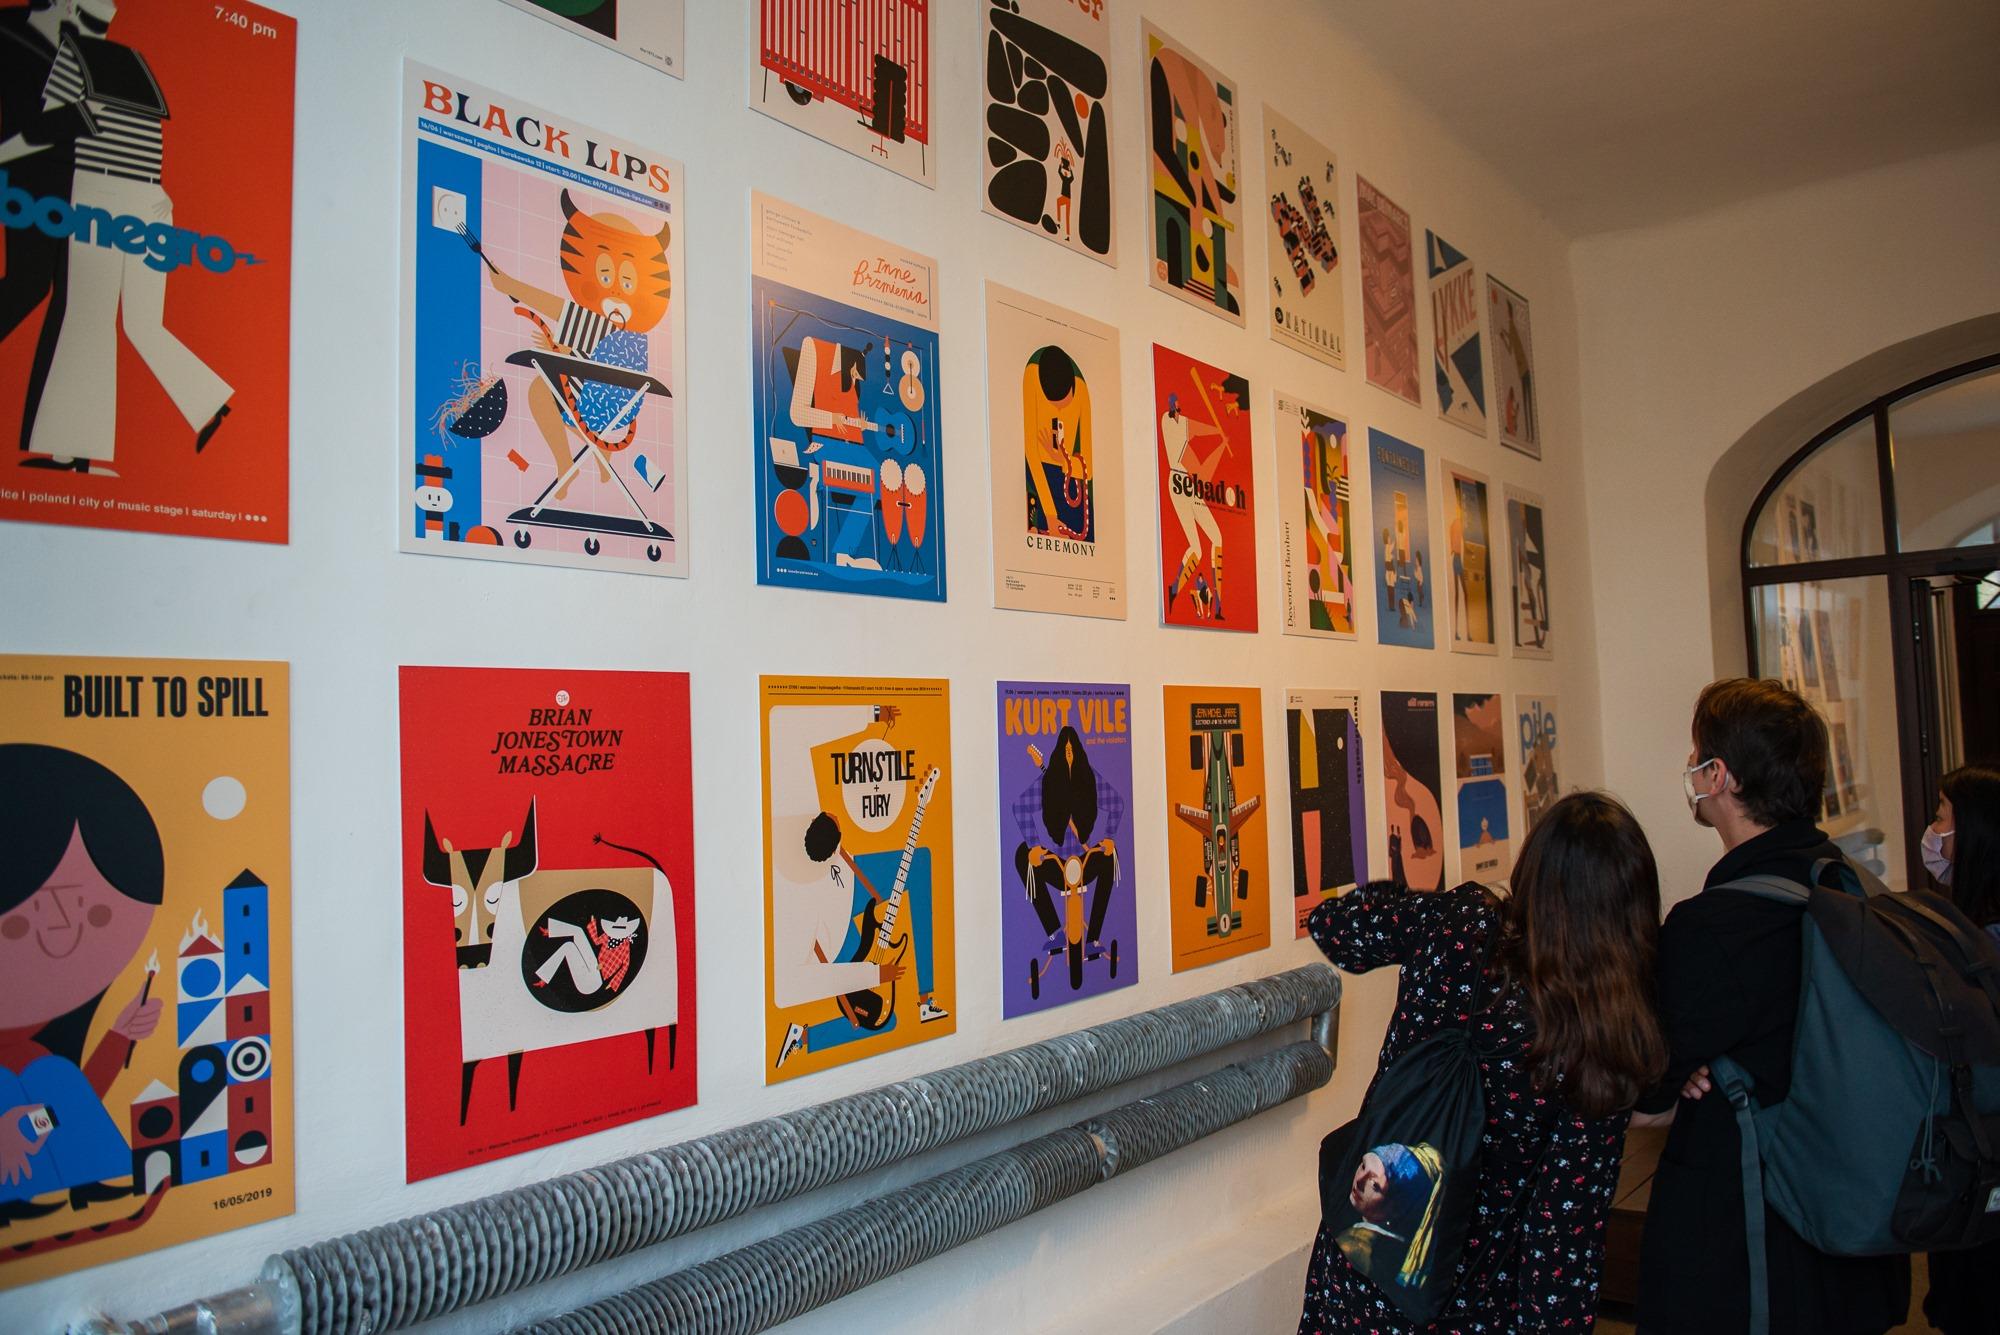 """[Zdjęcie przedstawia wystawę """"Plakat muzyczny"""" - Dawida Ryskiego. Widać sylwetki trzech osób - dwie kobiety i jednego mężczyznę w maseczkach na ustach i nosie, którzy wpatrują się w zawieszone na białej ścianie kolorowe plakaty.]"""